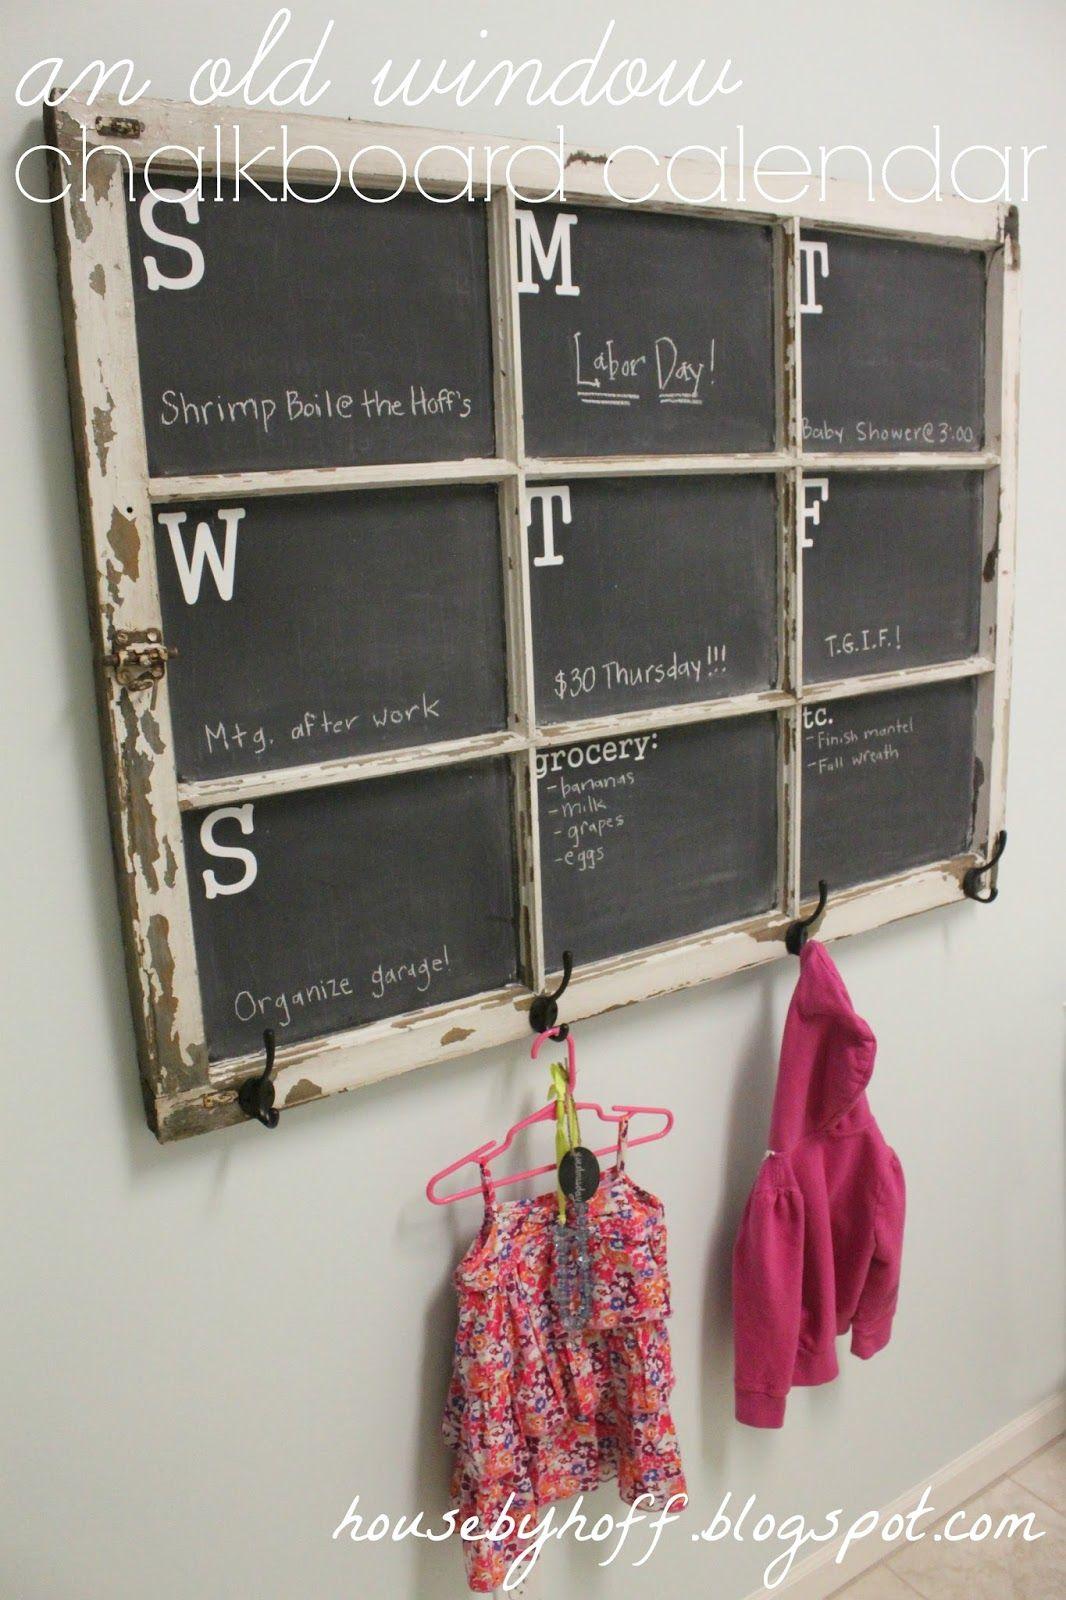 Marvelous Chalkboard Window Calendar   House By Hoff